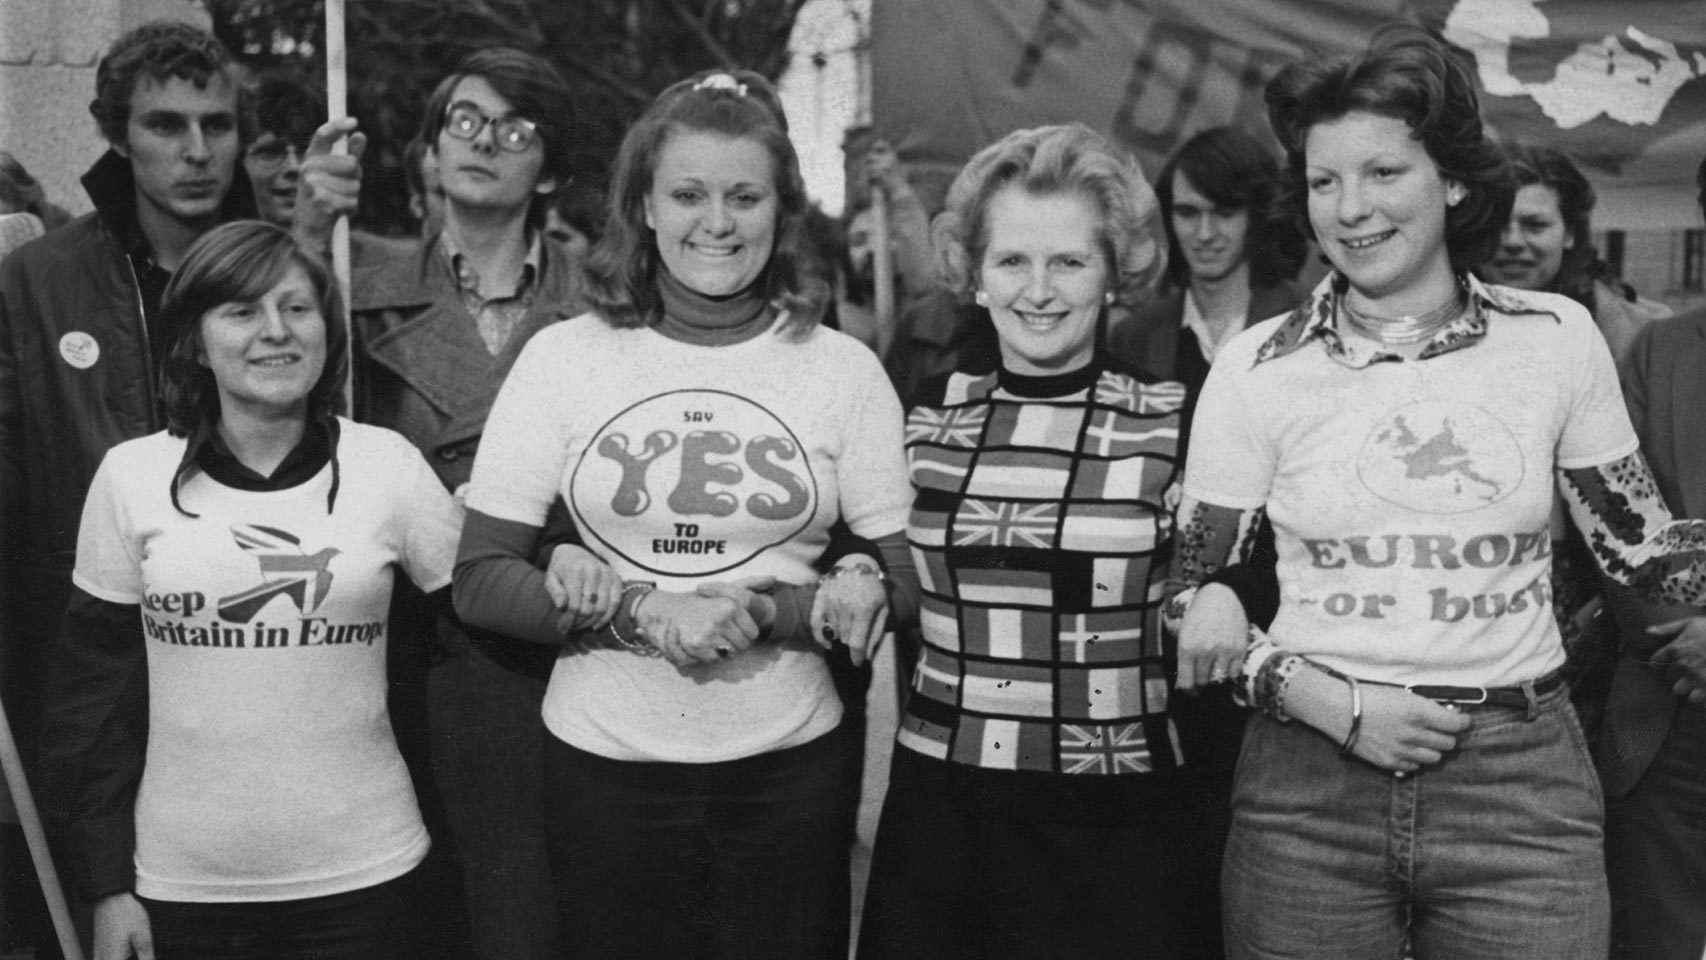 Margaret Thatcher haciendo campaña a favor del sí a la Comunidad Económica Europea en Londres el día antes del referéndum de 1975.